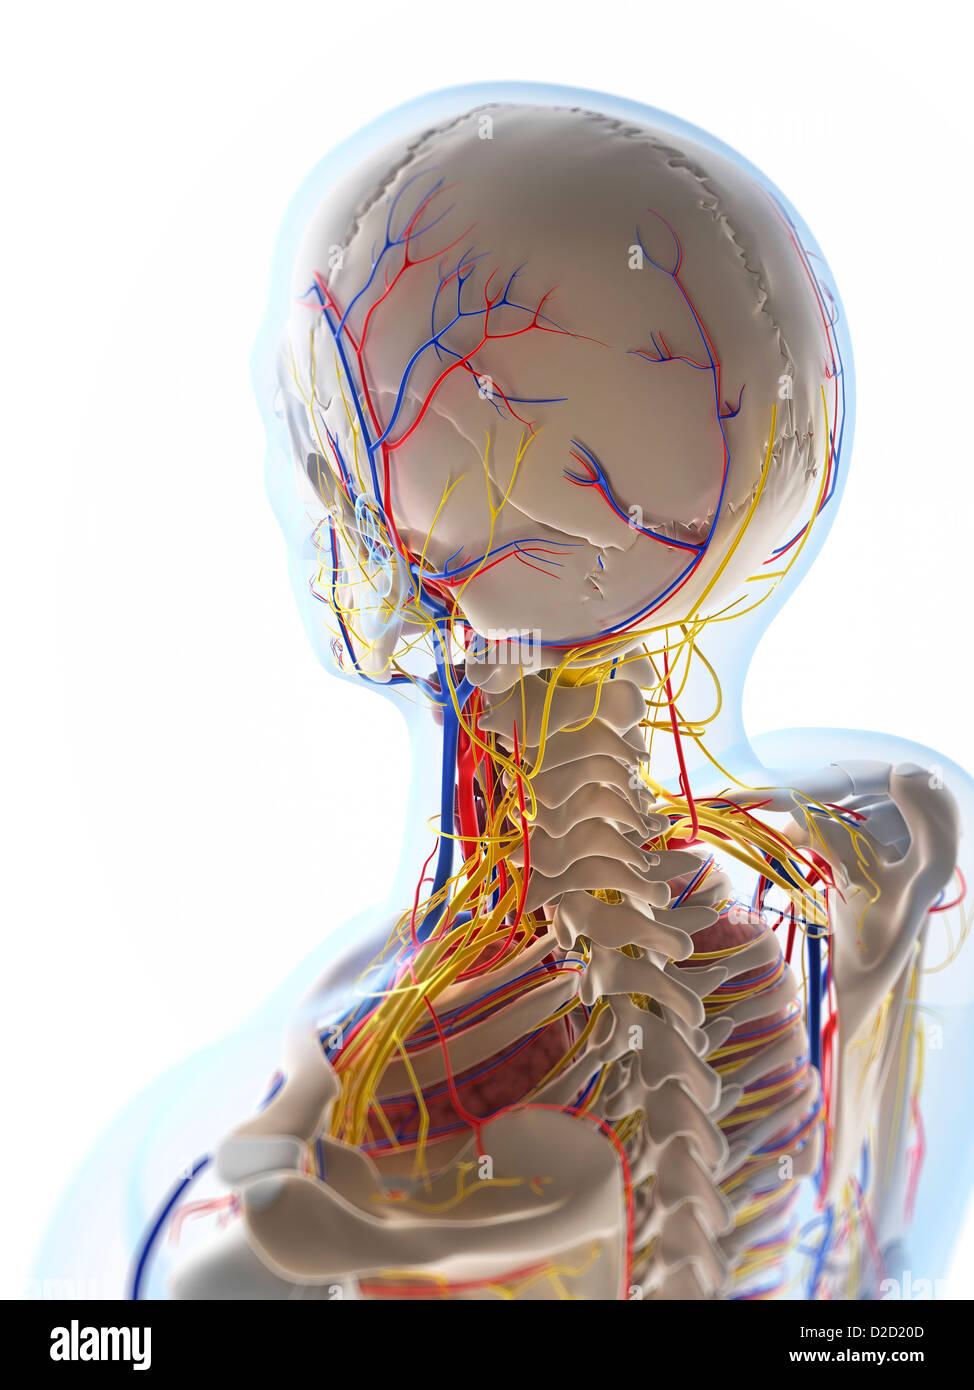 Menschliche Anatomie Computer Grafik Stockfoto, Bild: 53147373 - Alamy